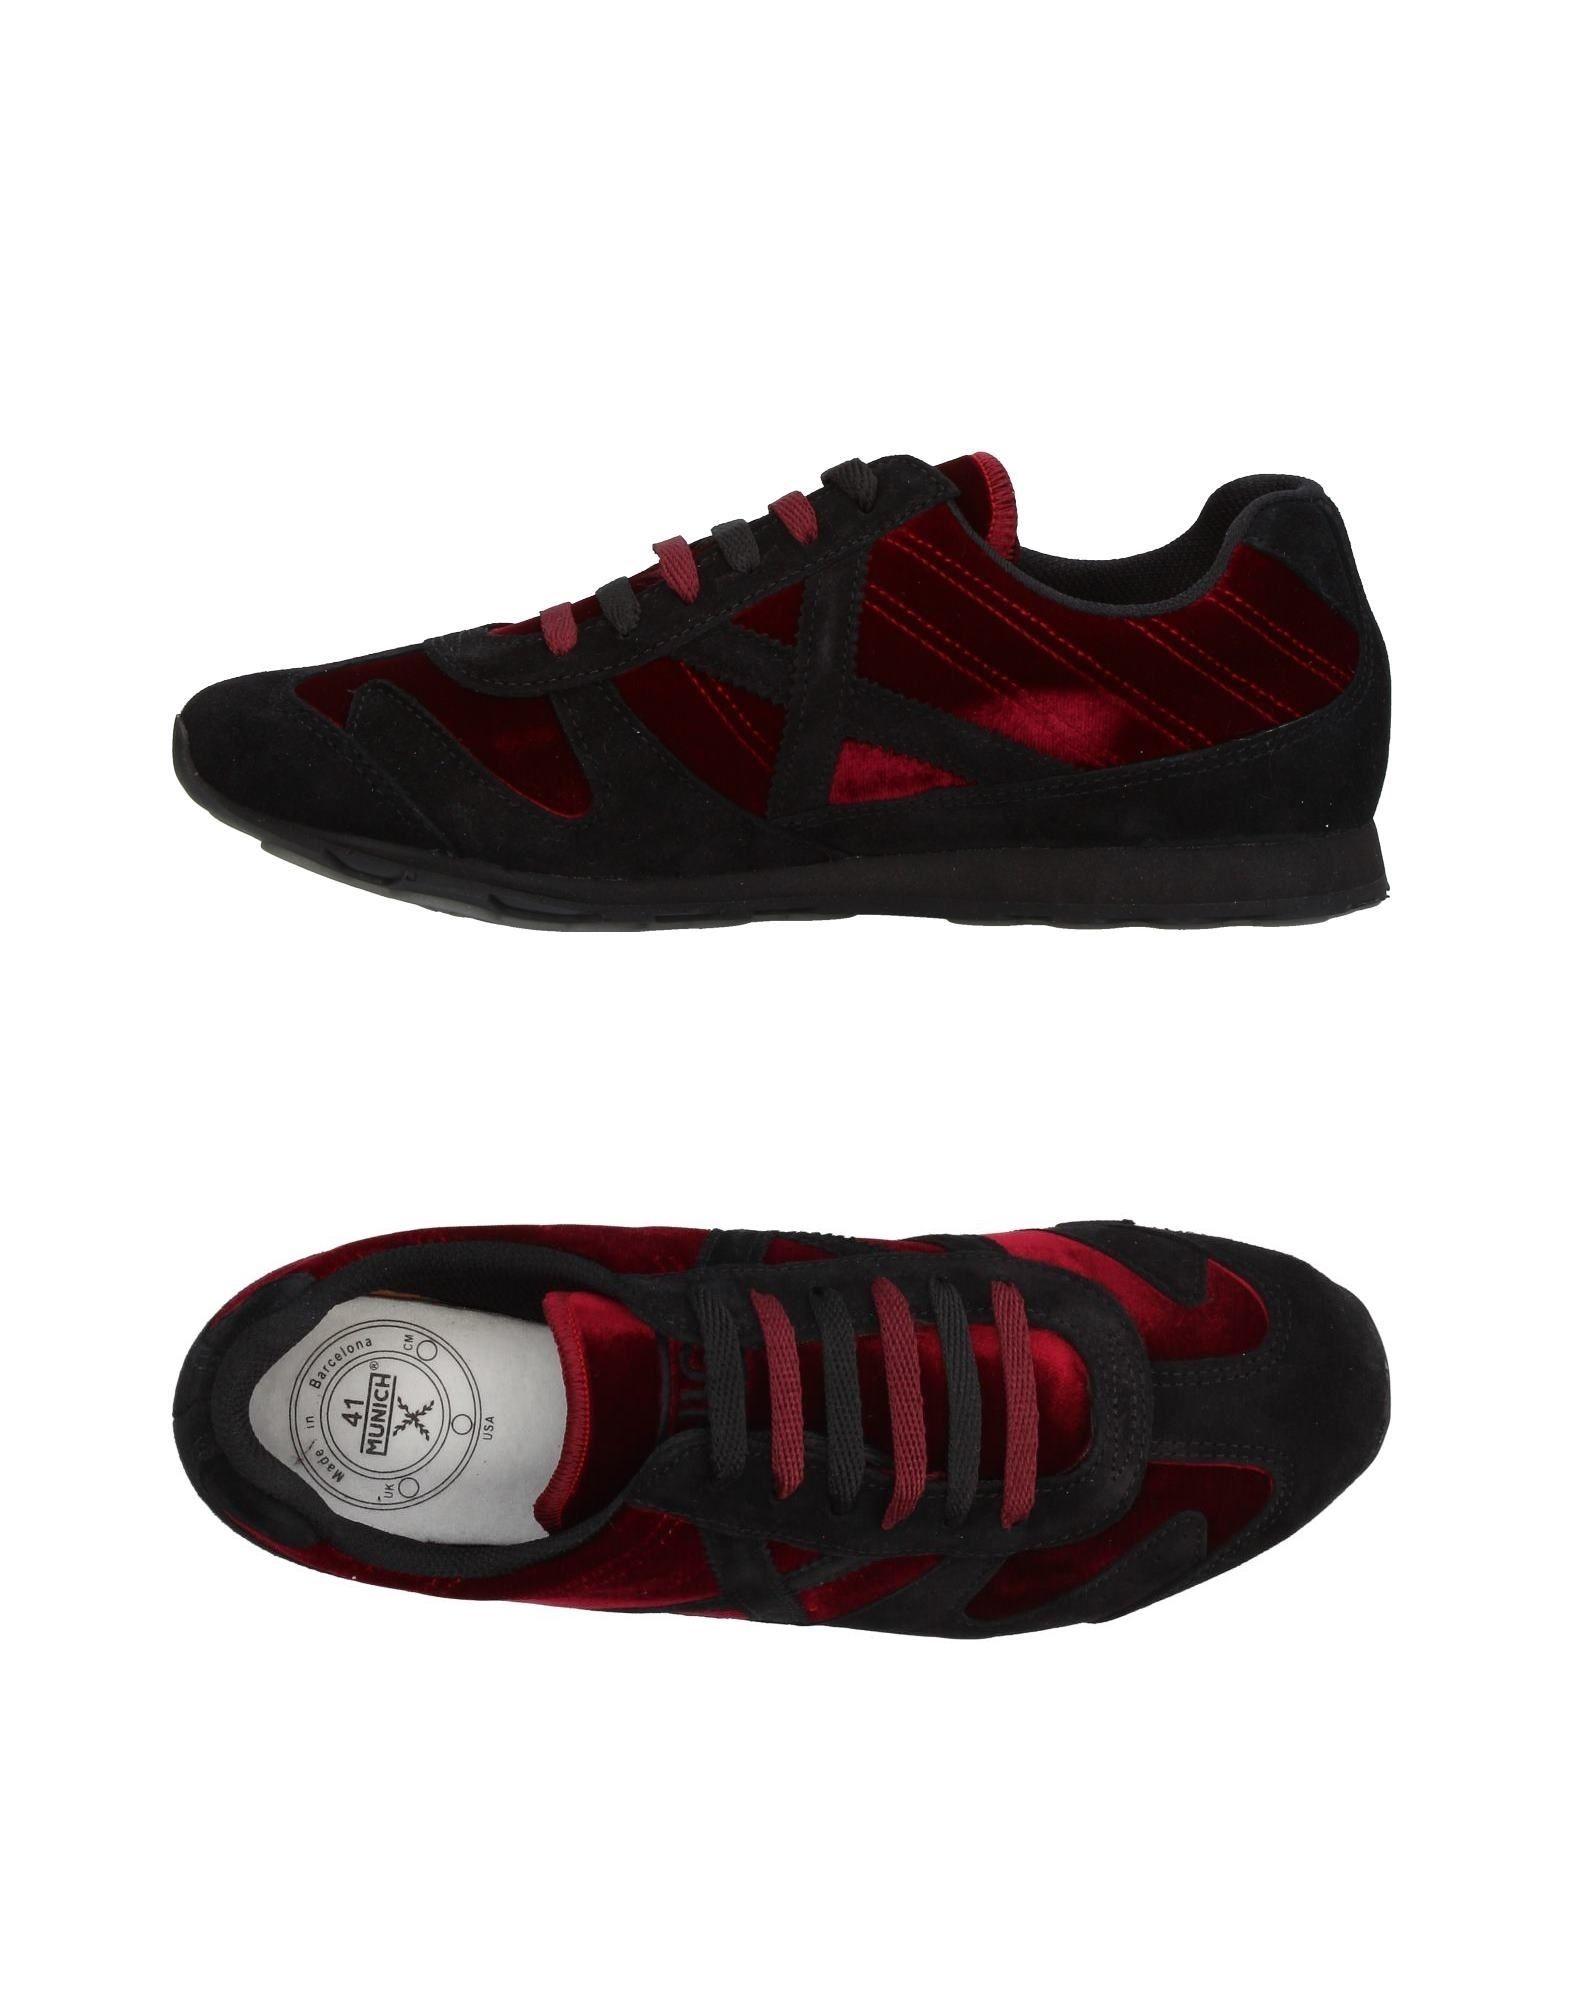 Sneakers Sneakers Sneakers Munich Homme - Sneakers Munich  Noir Remise de marque d8a509